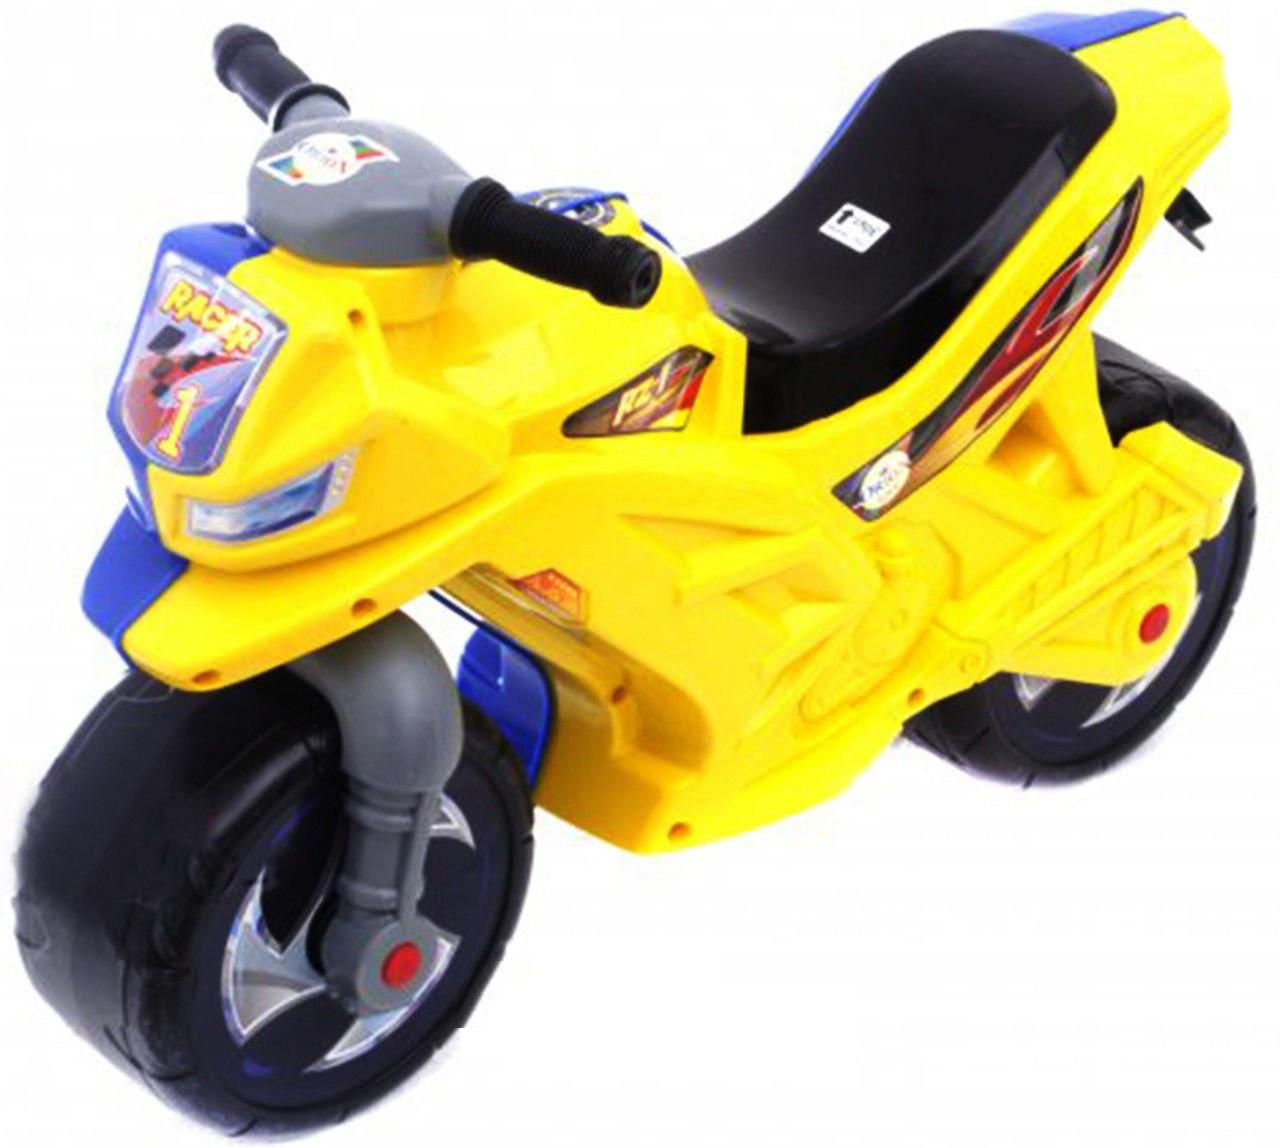 Каталка Мотоцикл беговел, двоколісний Жовто блакитного кольору, Оріон